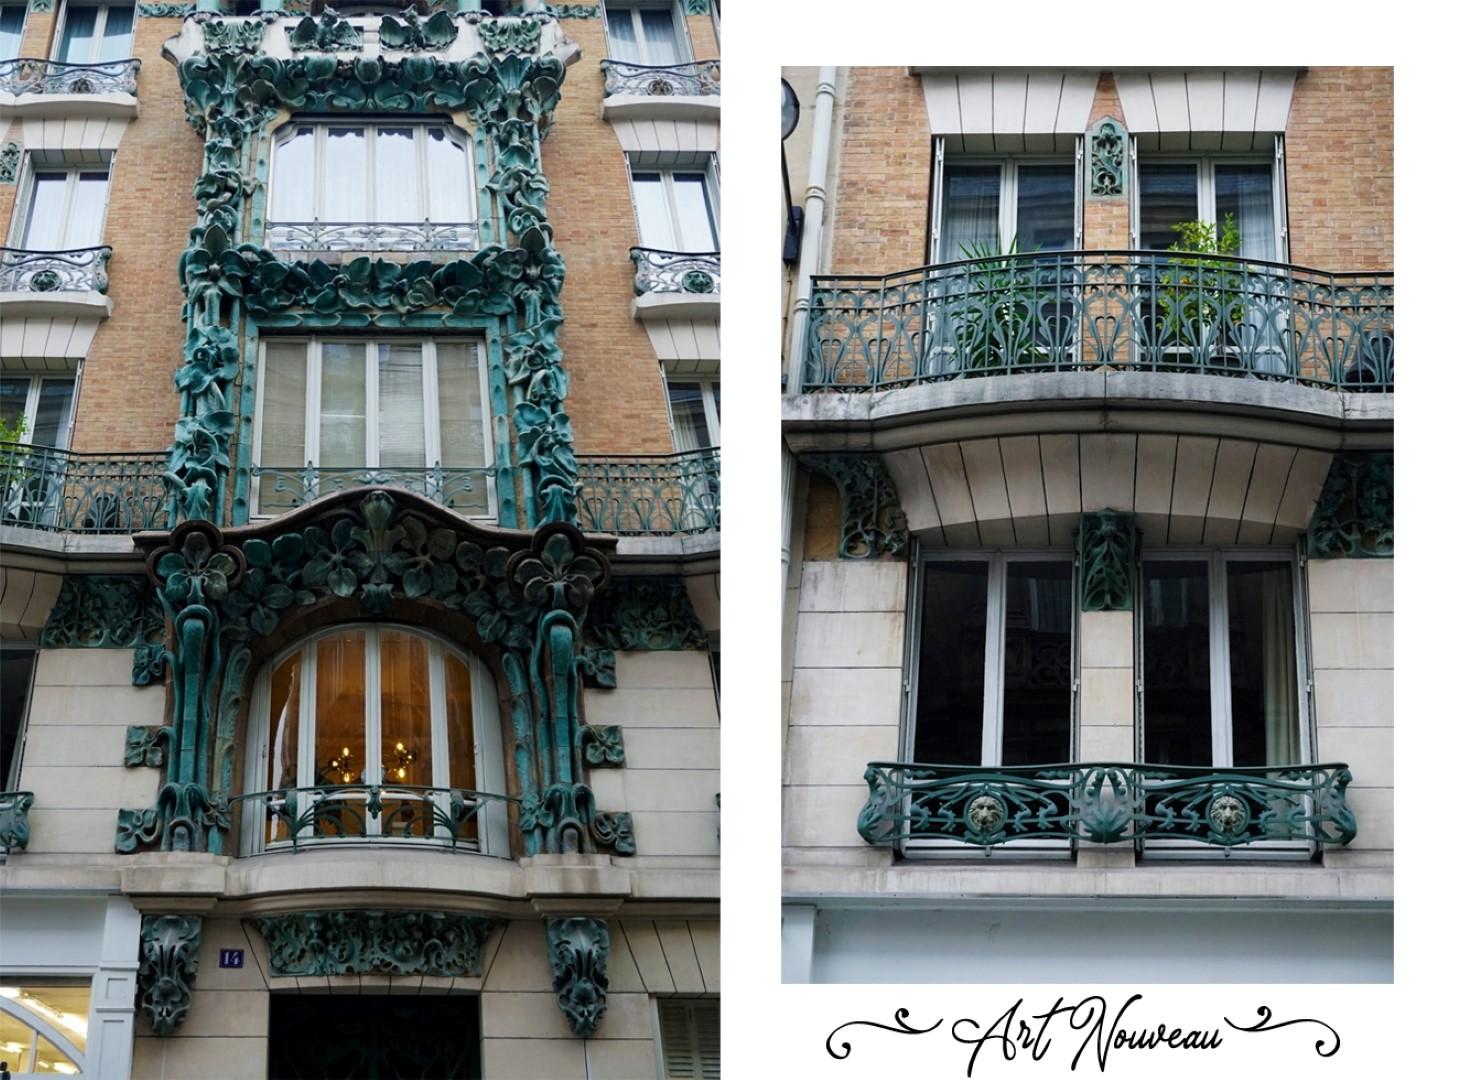 Art nouveau rue d'Abbeville - Balade dans les 9e et 10e arrondissements de Paris - De place de la République à Pigalle